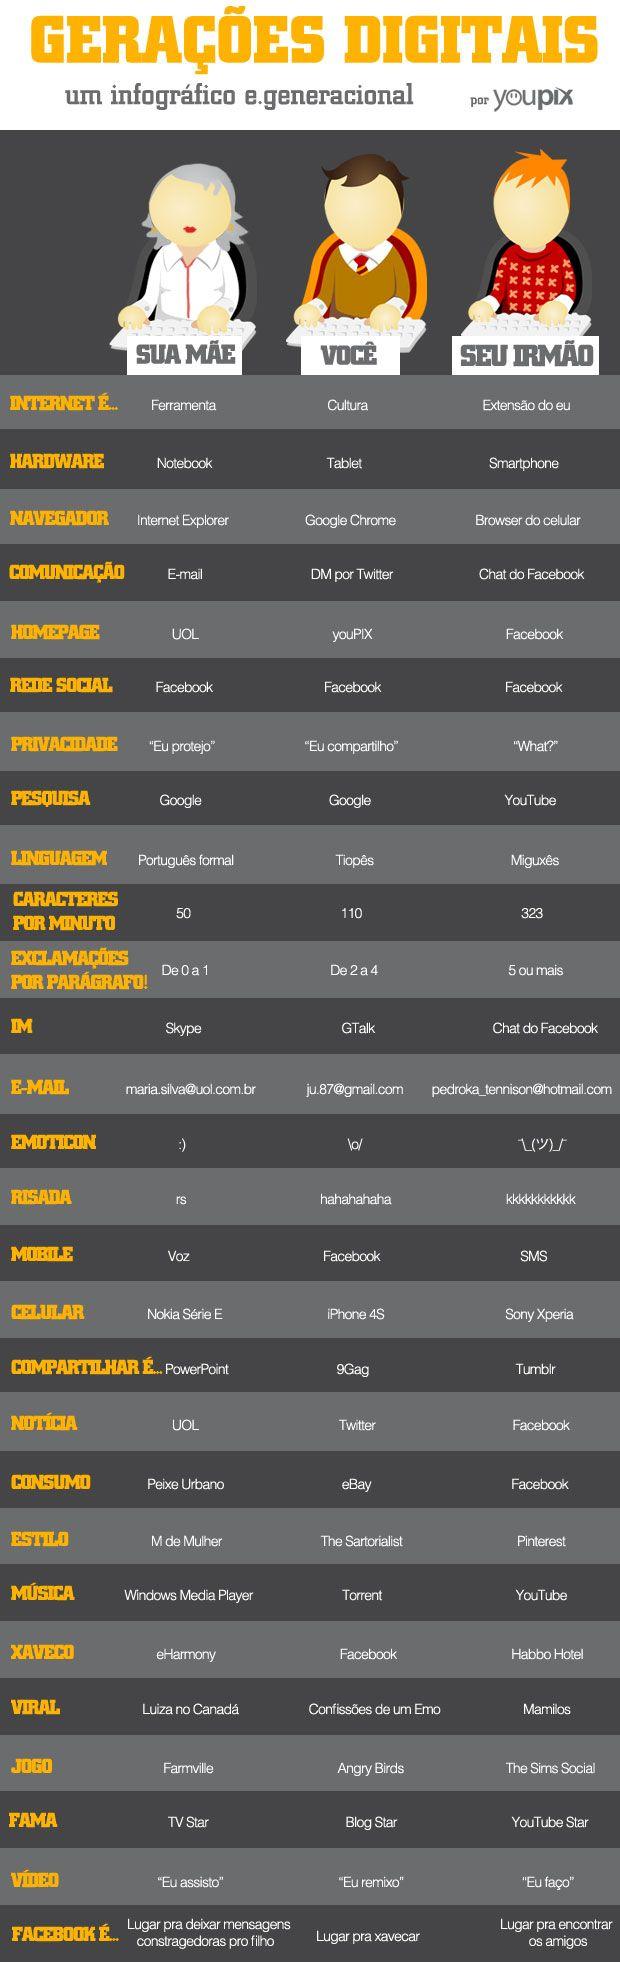 Em todas as idades, a gente enxerga o mundo de forma diferente. É a mesma coisa com a web, cada um tem sua perspectiva. Desde comportamentos até círculos sociais, os nossos hábitos wébicos entregam quantos anos a gente tem.      Confira a matéria completa no blog da NerdBird.  #marketingdigital #infograficos #brasil #modernistablog